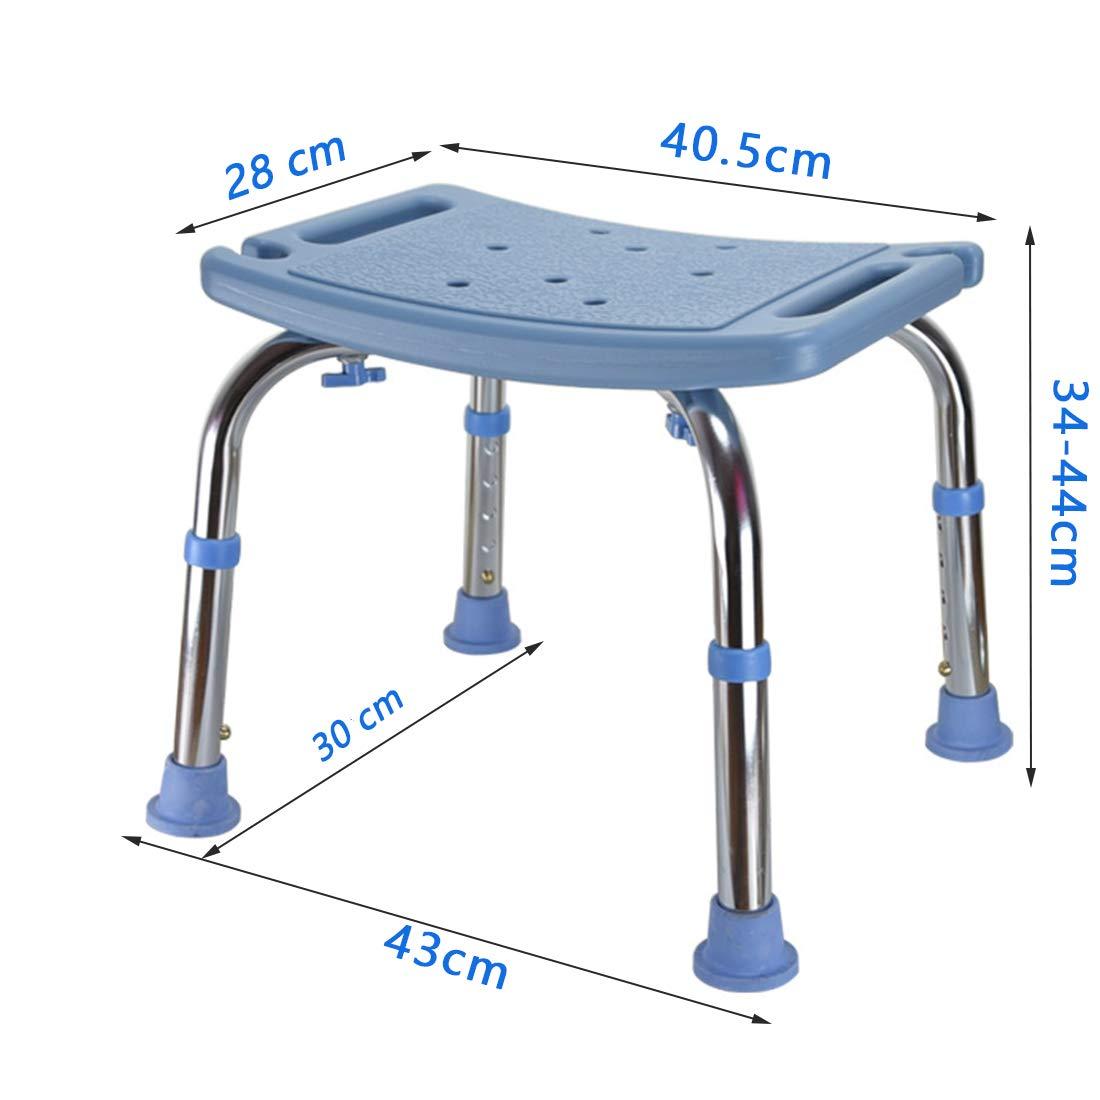 WENTAO Sgabello Da Bagno//Doccia Altezza Regolabile 5 Gear//Alluminio E Plastica PE//Disabilit/à Anziani//Donne In Gravidanza Massimo Carico Statico 136 Kg